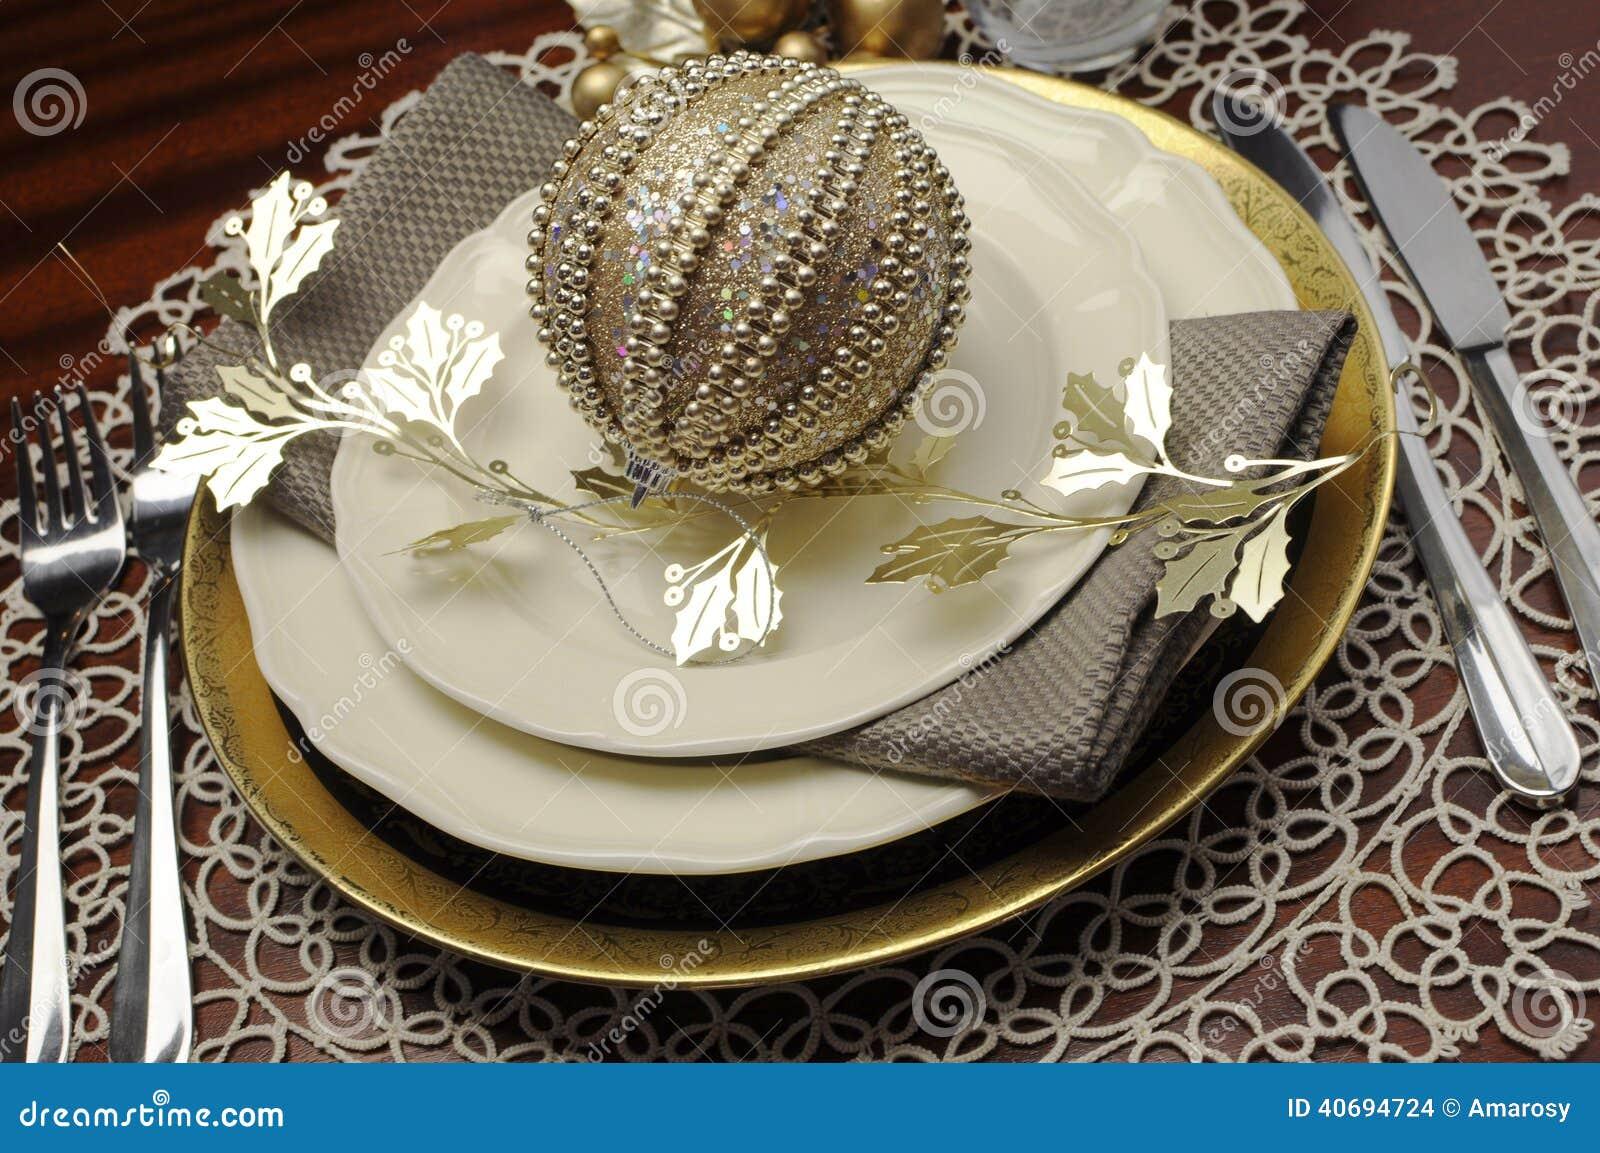 Opóźniony trend złocistego kruszcowego tematu obiadowego stołu miejsca Bożenarodzeniowy formalny położenie - zakończenie up